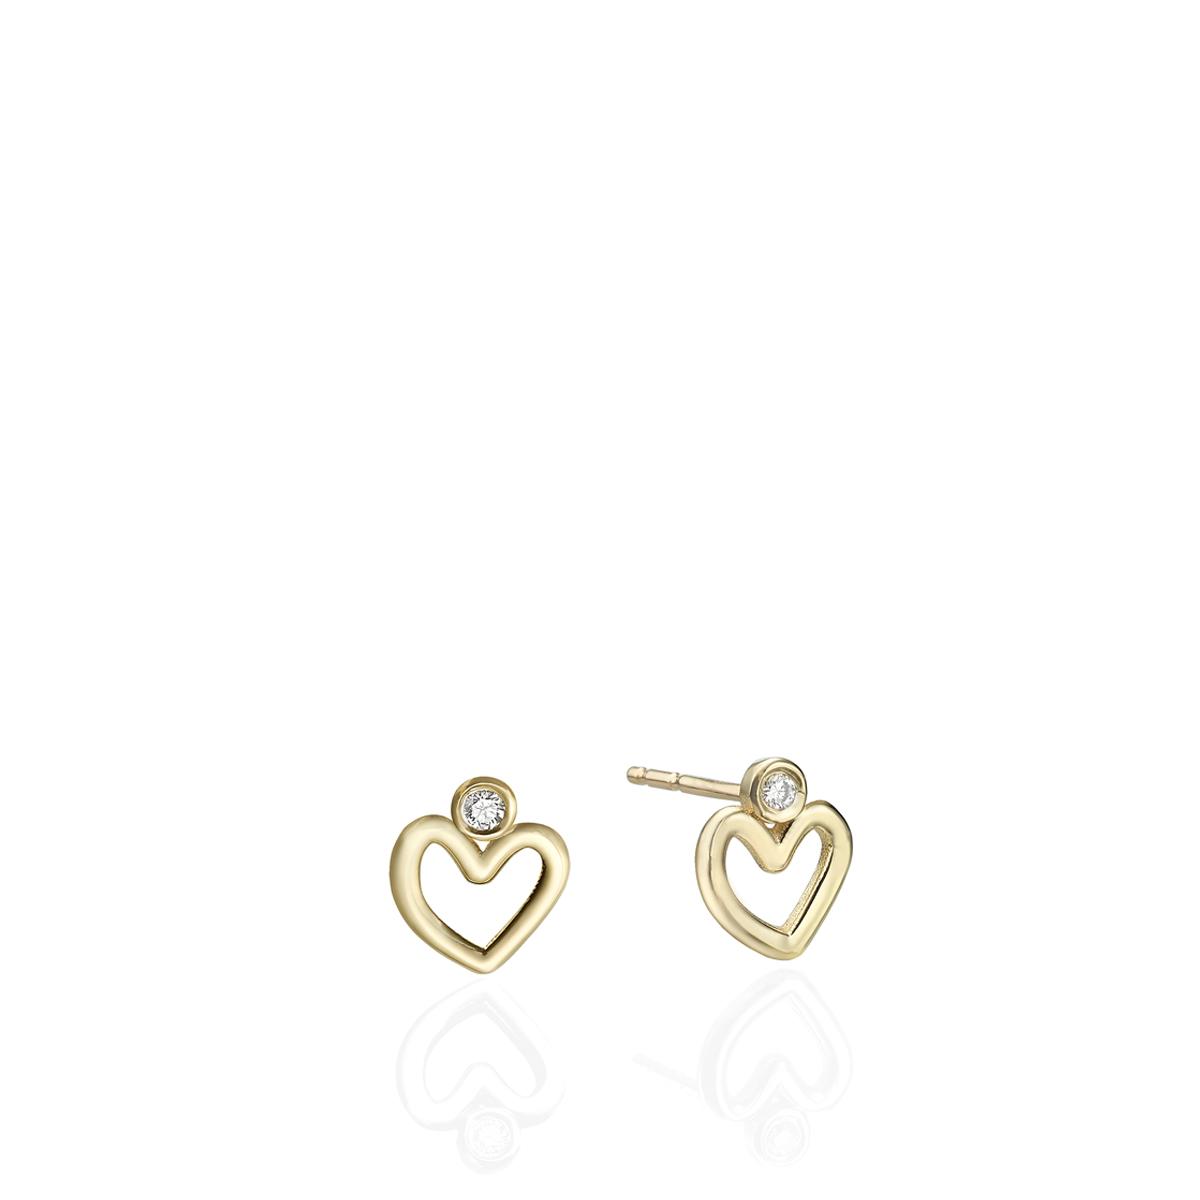 עגילי יהלומים ולבבות קטנים צמודים מזהב (מבצע)